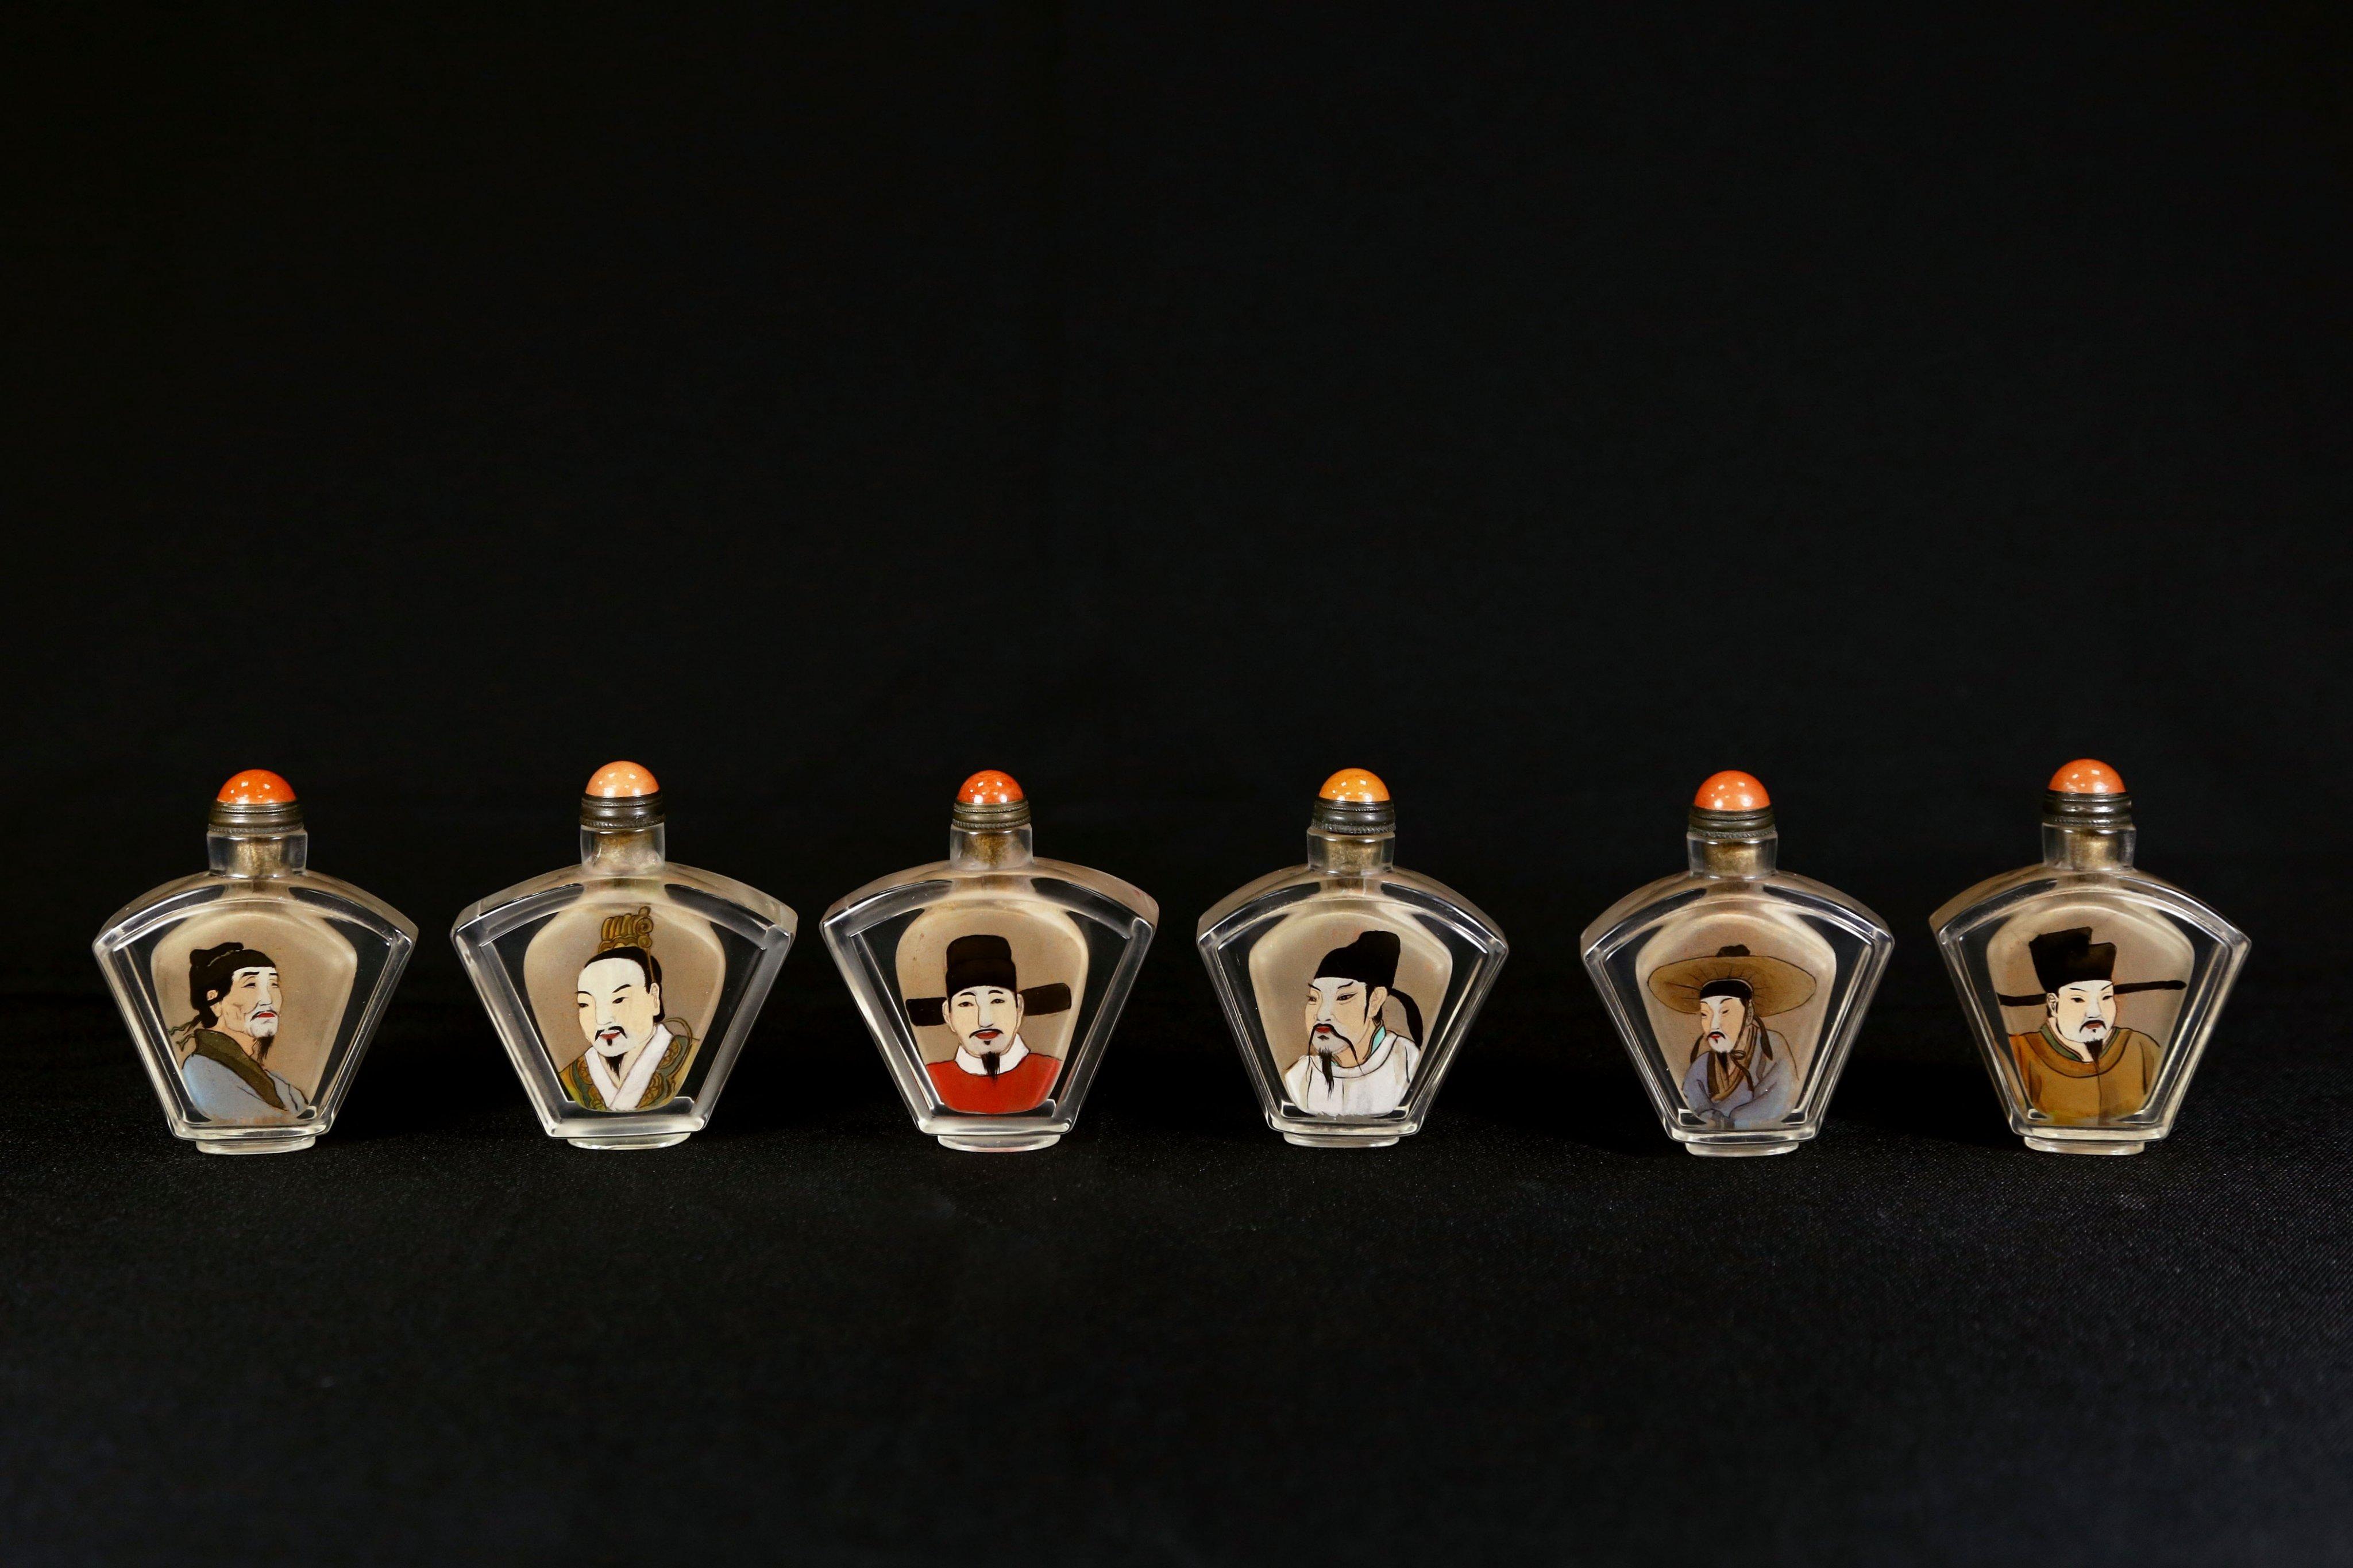 《博古珍藏》款葉仲三作.玻璃料胎仿水晶內繪畫文人鼻煙壺6個.附錦盒.早期收藏.感恩特賣會.超值回饋